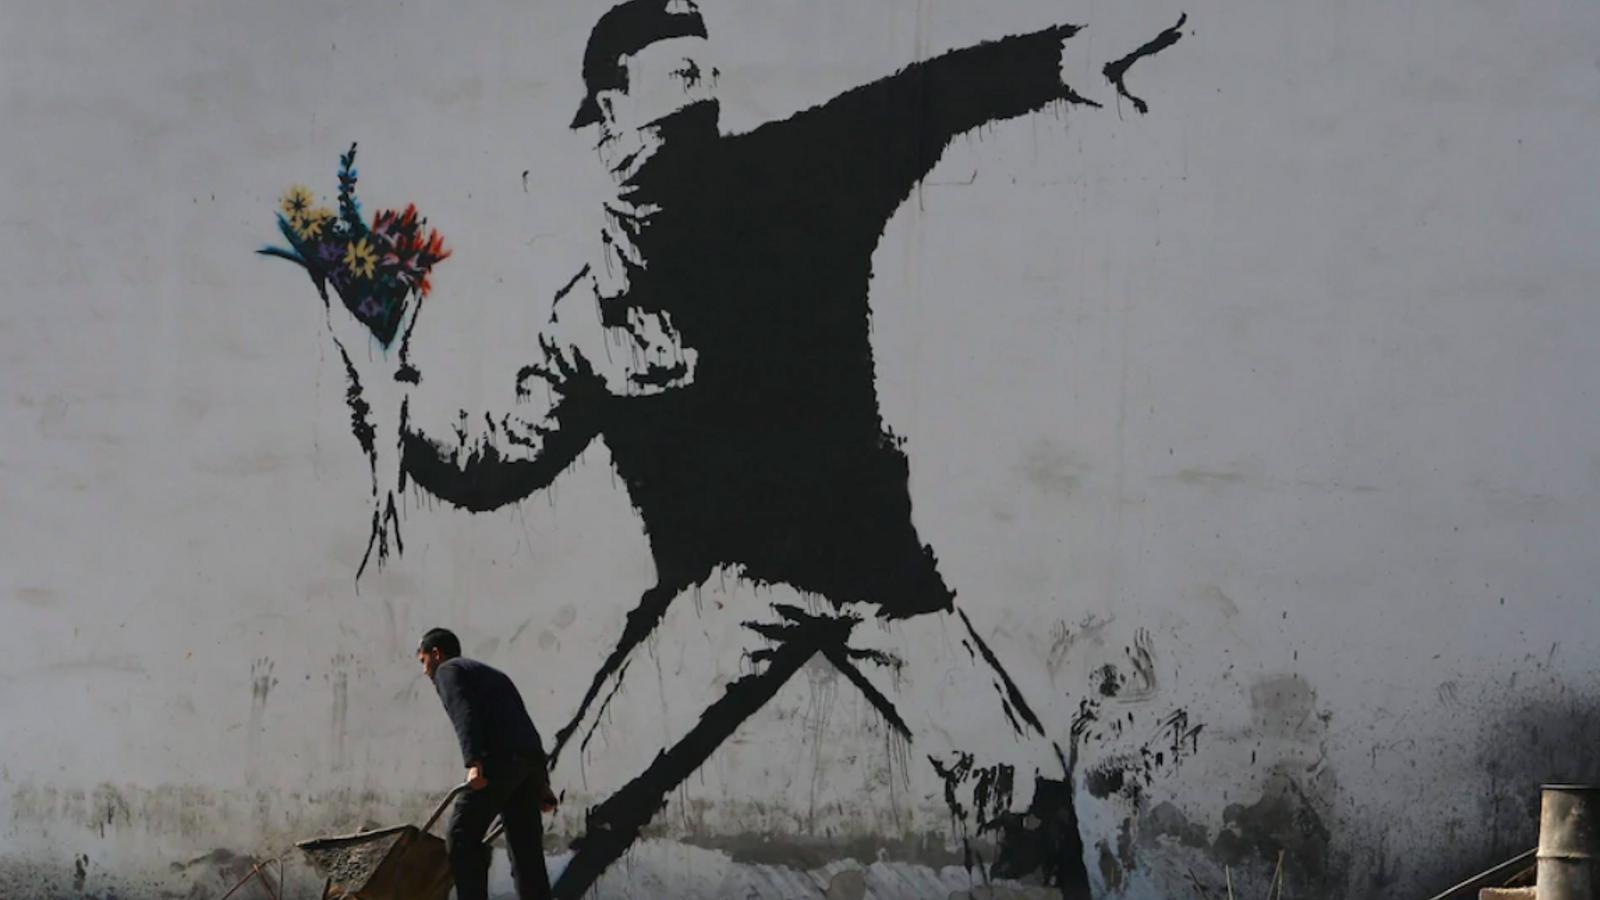 El Llançador de Flors, una de les obres més conegudes de Banksy, apareguda a Jerusalem el 2003